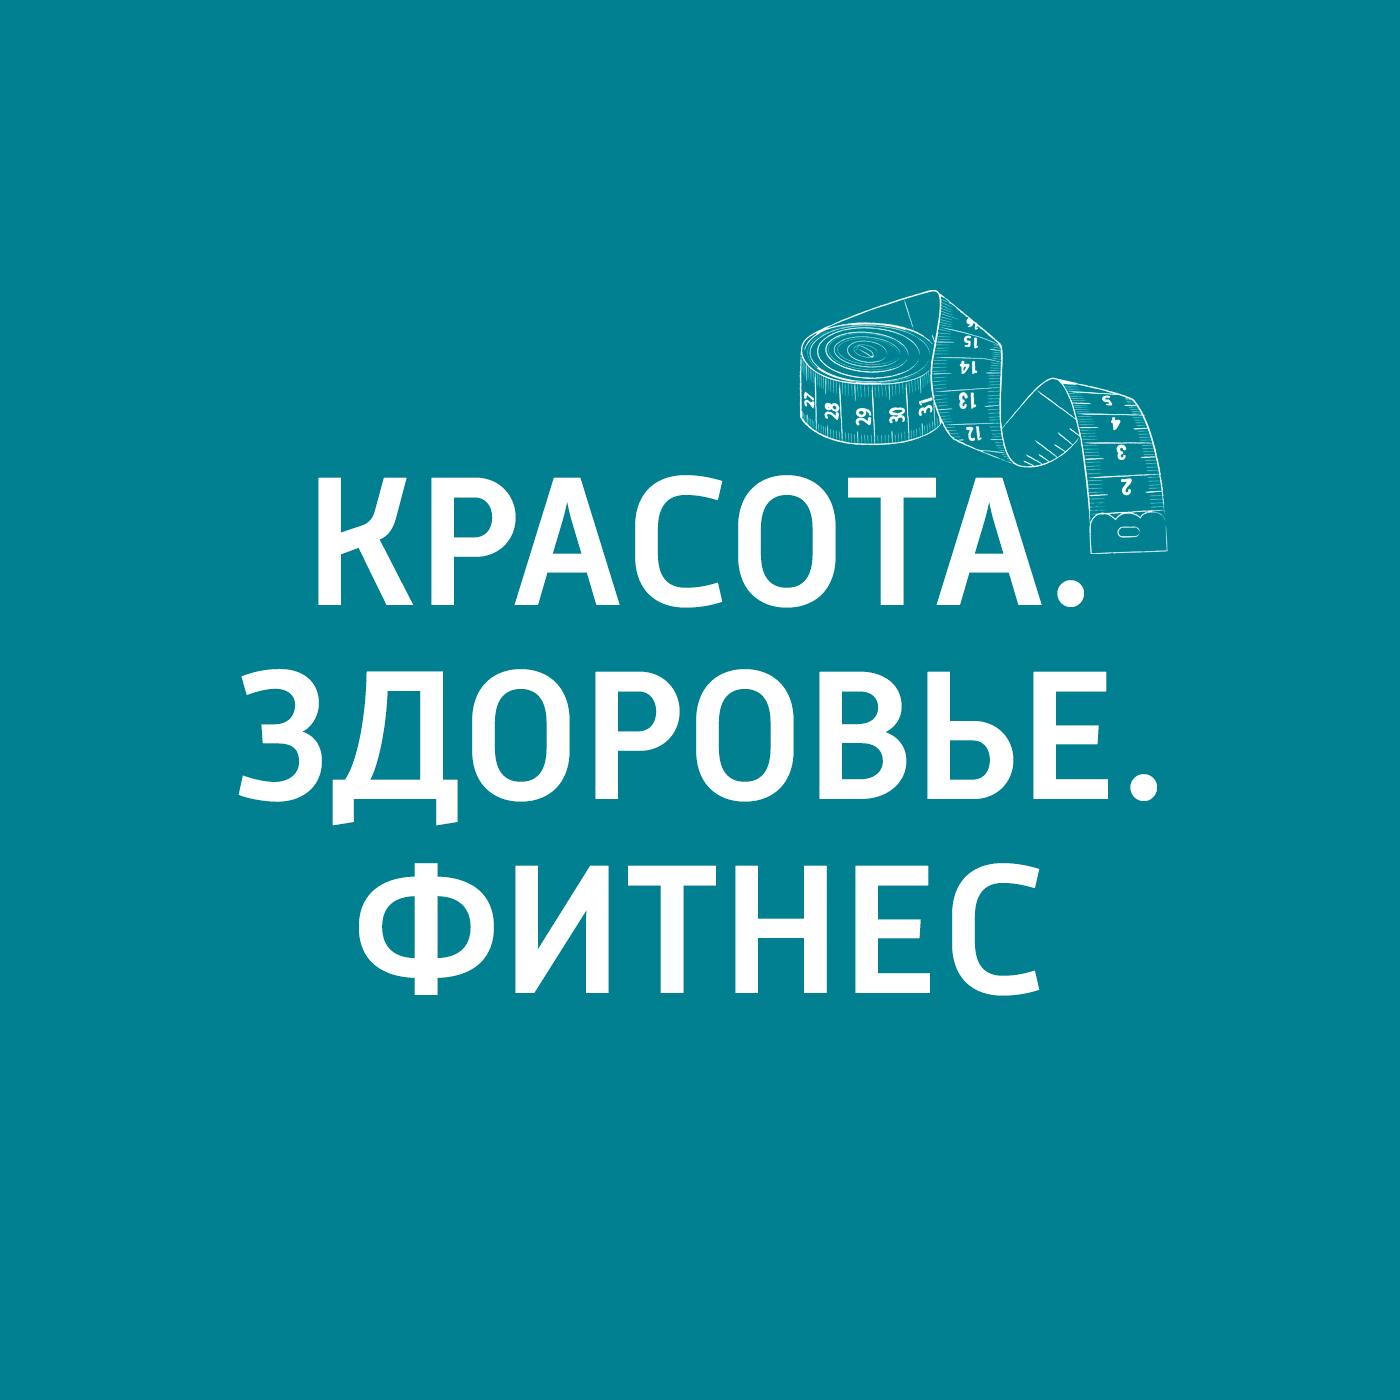 Маргарита Митрофанова Правильное очищение кожи маргарита митрофанова как не стать жертвой манипуляции